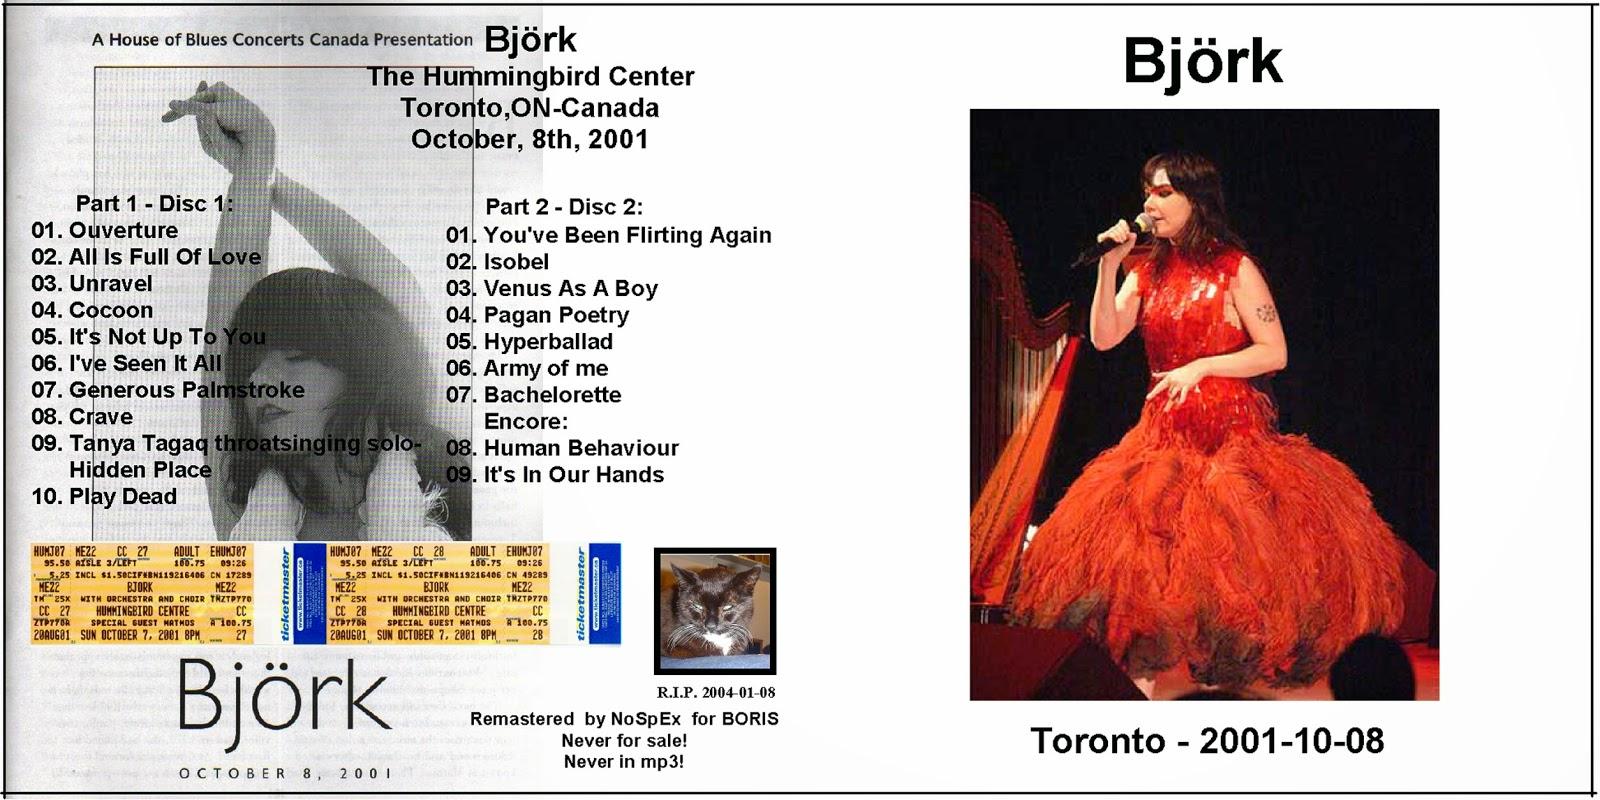 björk guðmundsdóttir: Björk - Live @ Hummingbird Center